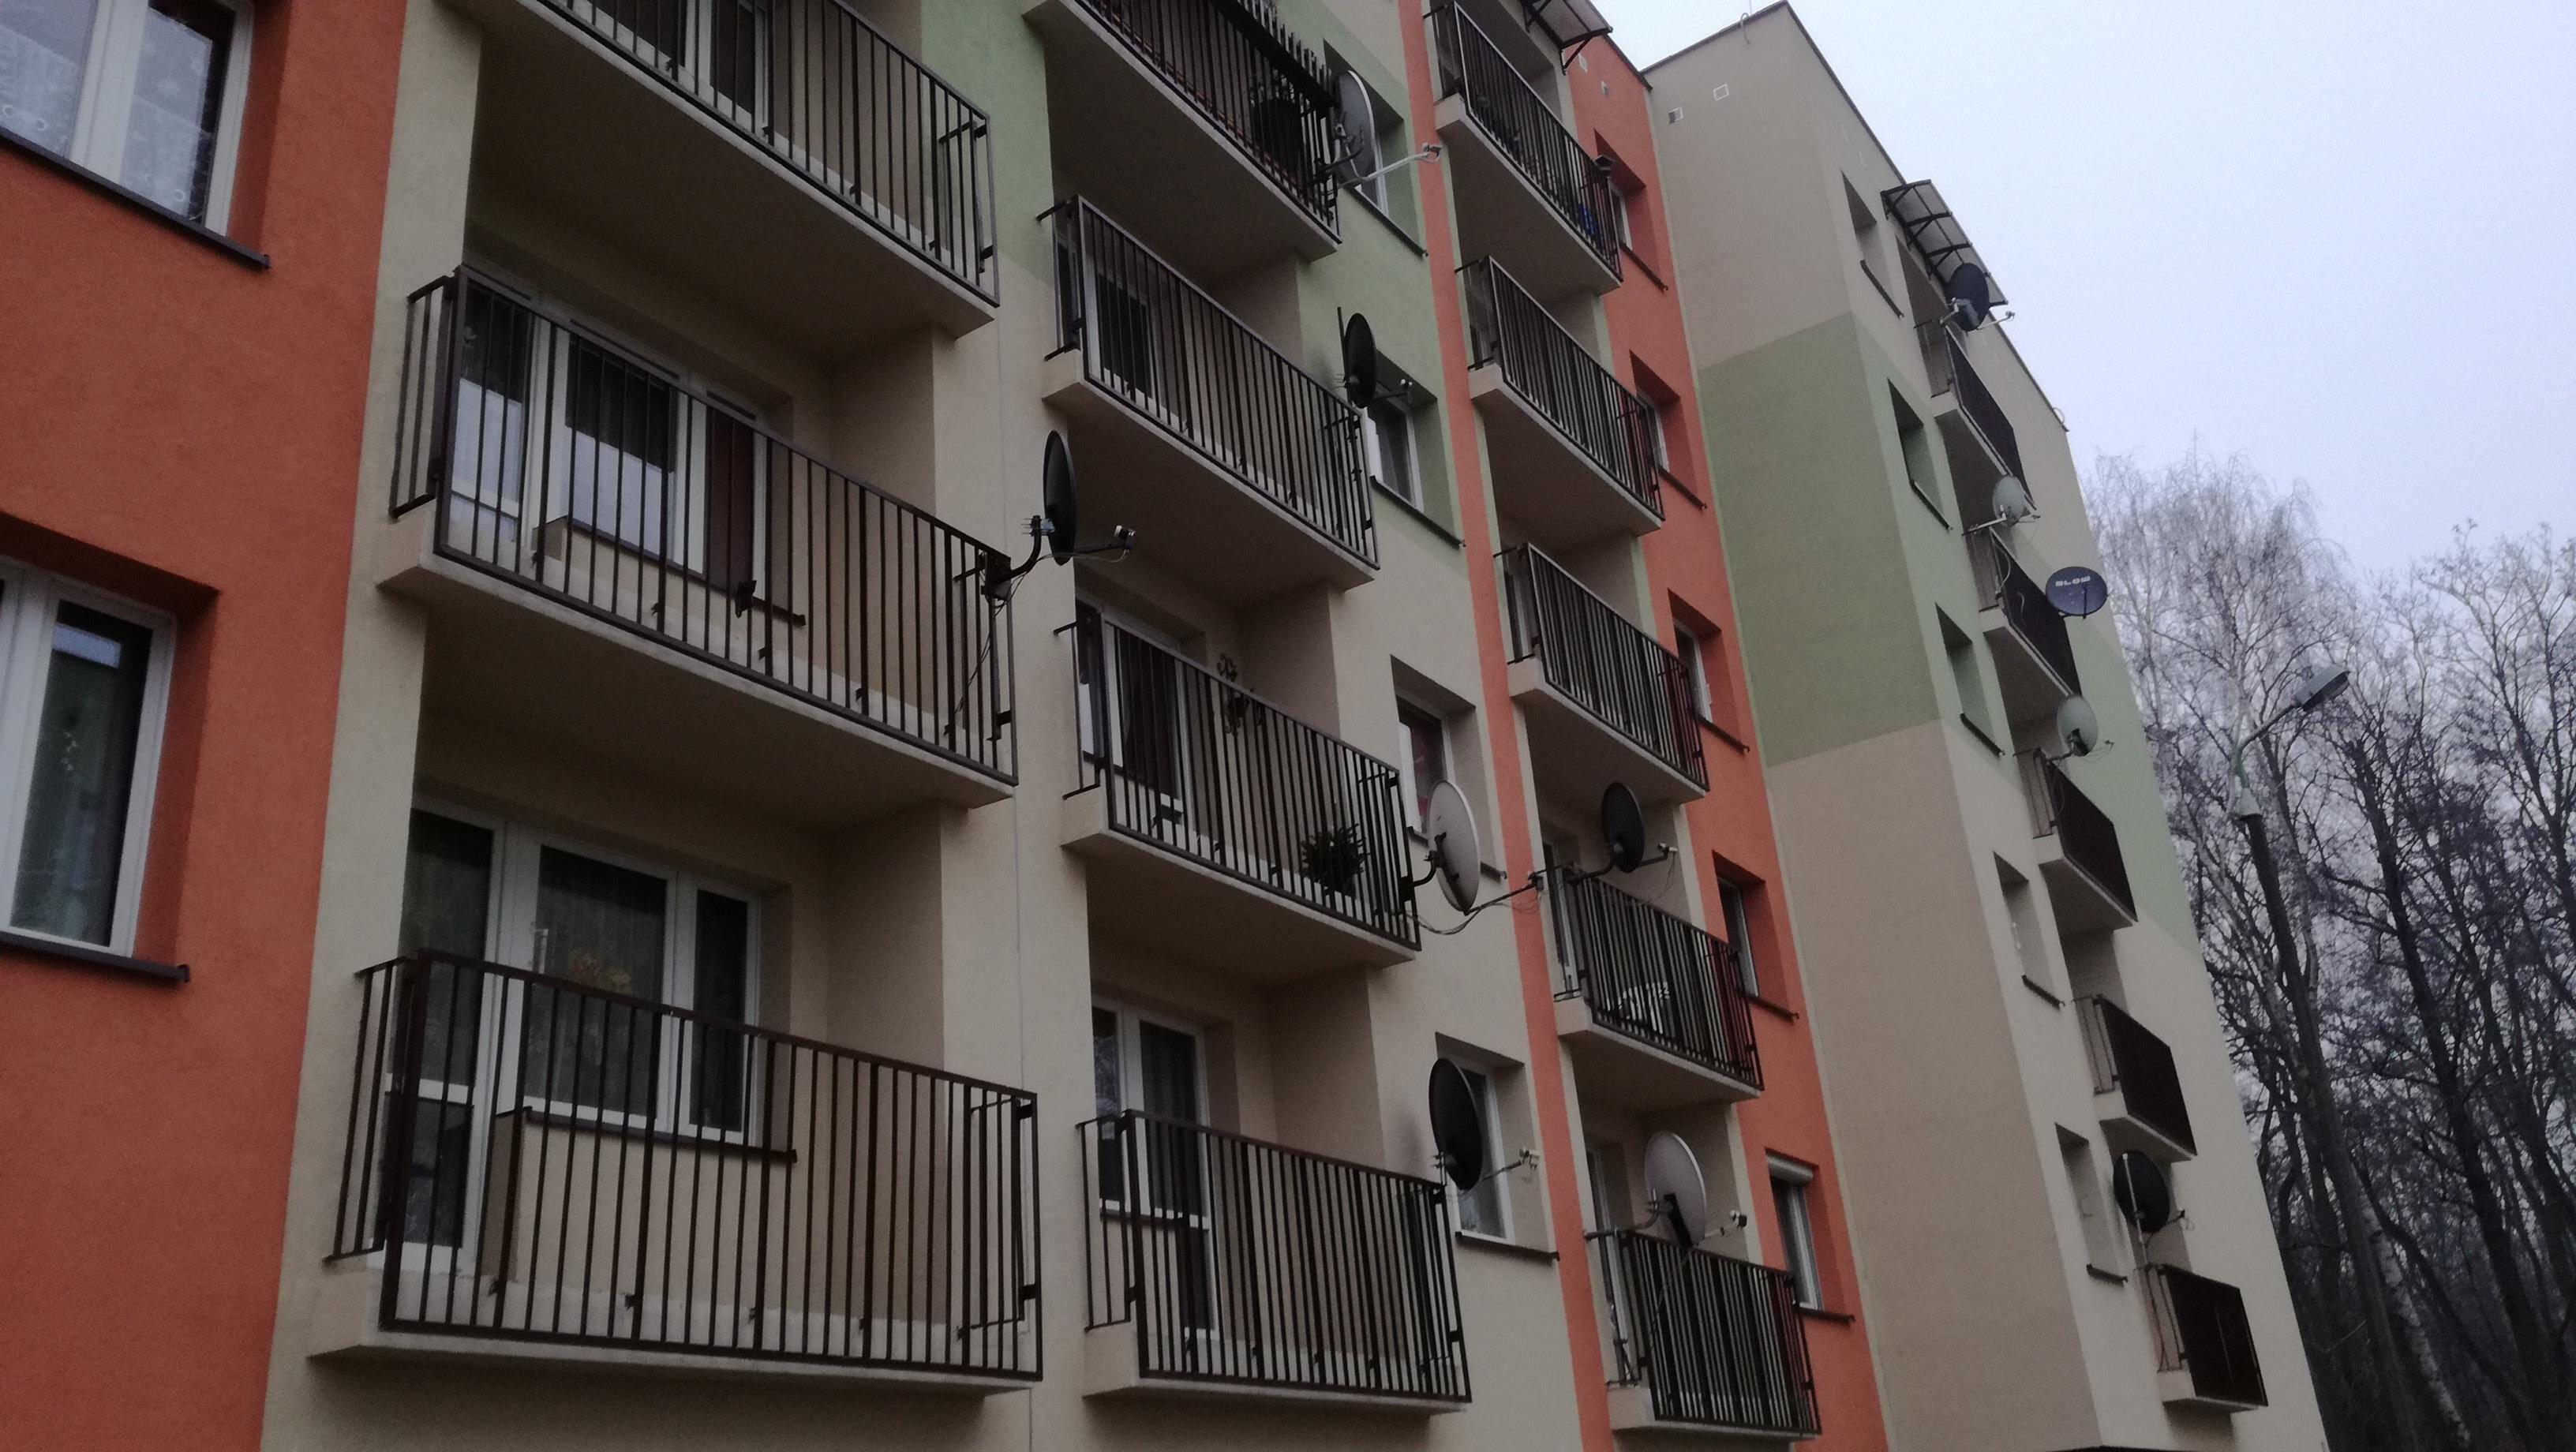 docieplenie_elewacji_budynku_2011_swietochlowice___